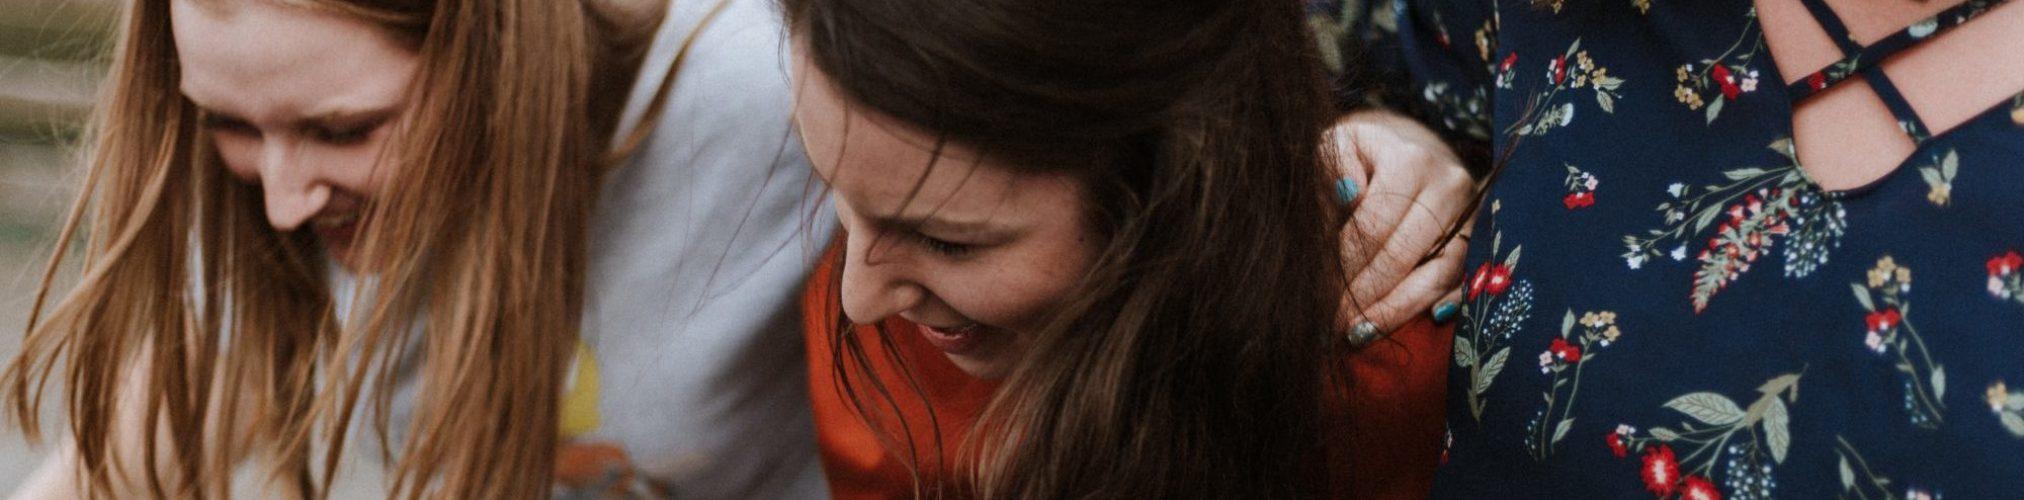 groupe de fille en train de sourire au chateau Vaillant internat college lycee esport